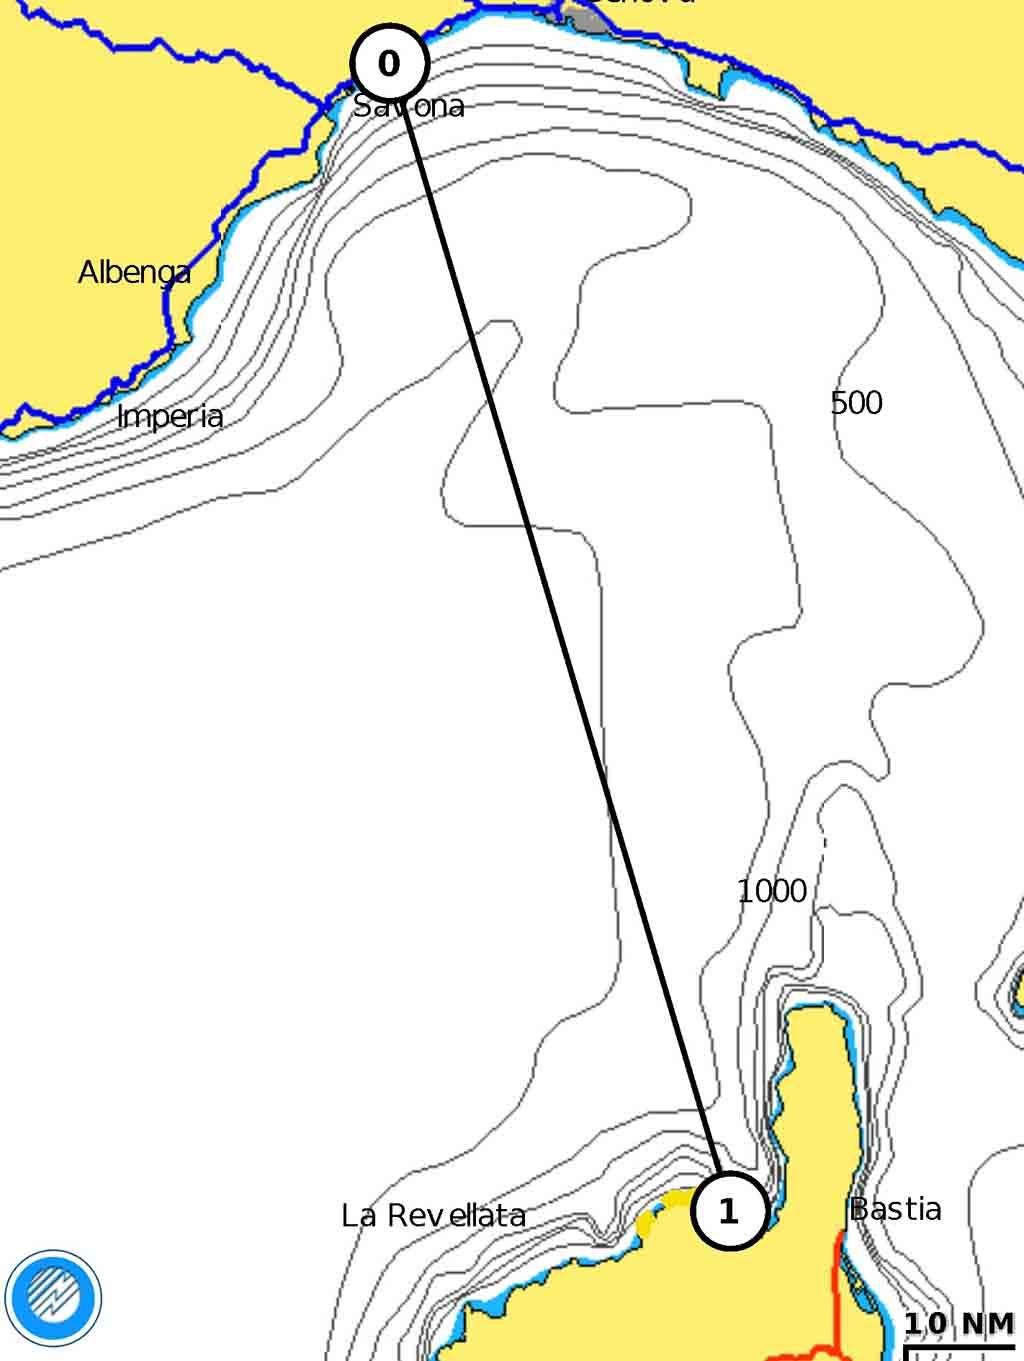 Onda lunga rotta Corsica Cala du Loto navigazione notturna esperienze di vela uscite in barca vela crociere